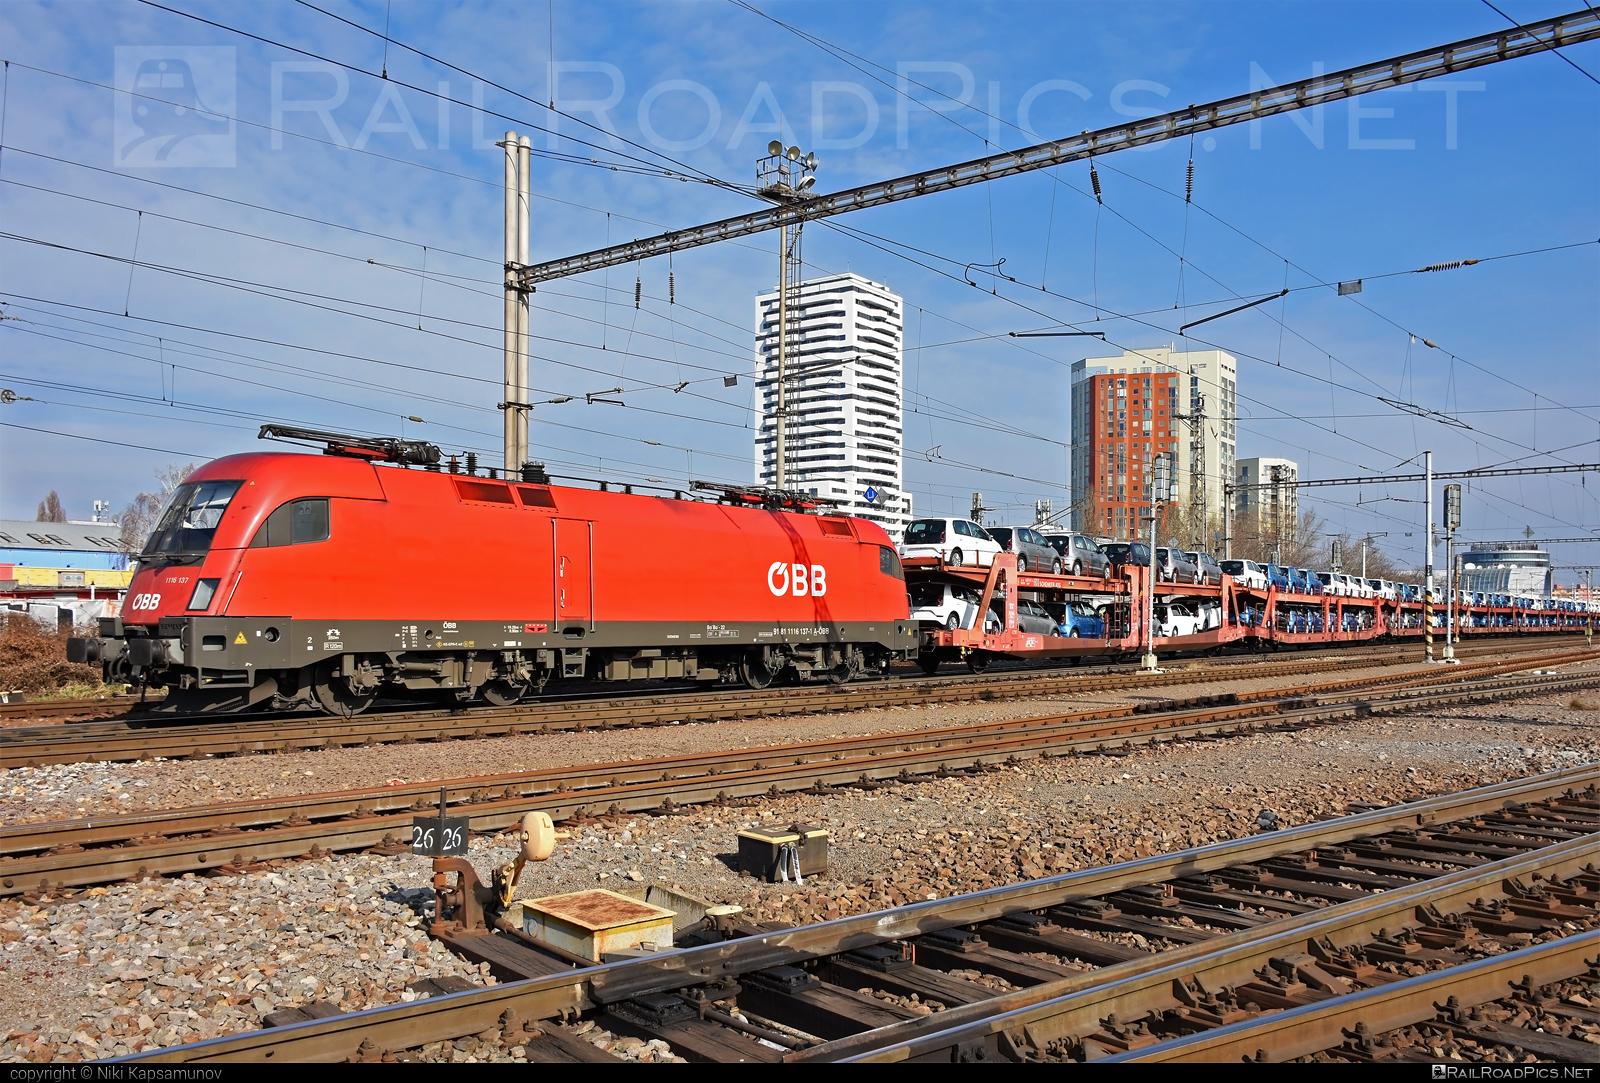 Siemens ES 64 U2 - 1116 137 operated by Rail Cargo Austria AG #carcarrierwagon #es64 #es64u #es64u2 #eurosprinter #obb #osterreichischebundesbahnen #rcw #siemens #siemenses64 #siemenses64u #siemenses64u2 #siemenstaurus #taurus #tauruslocomotive